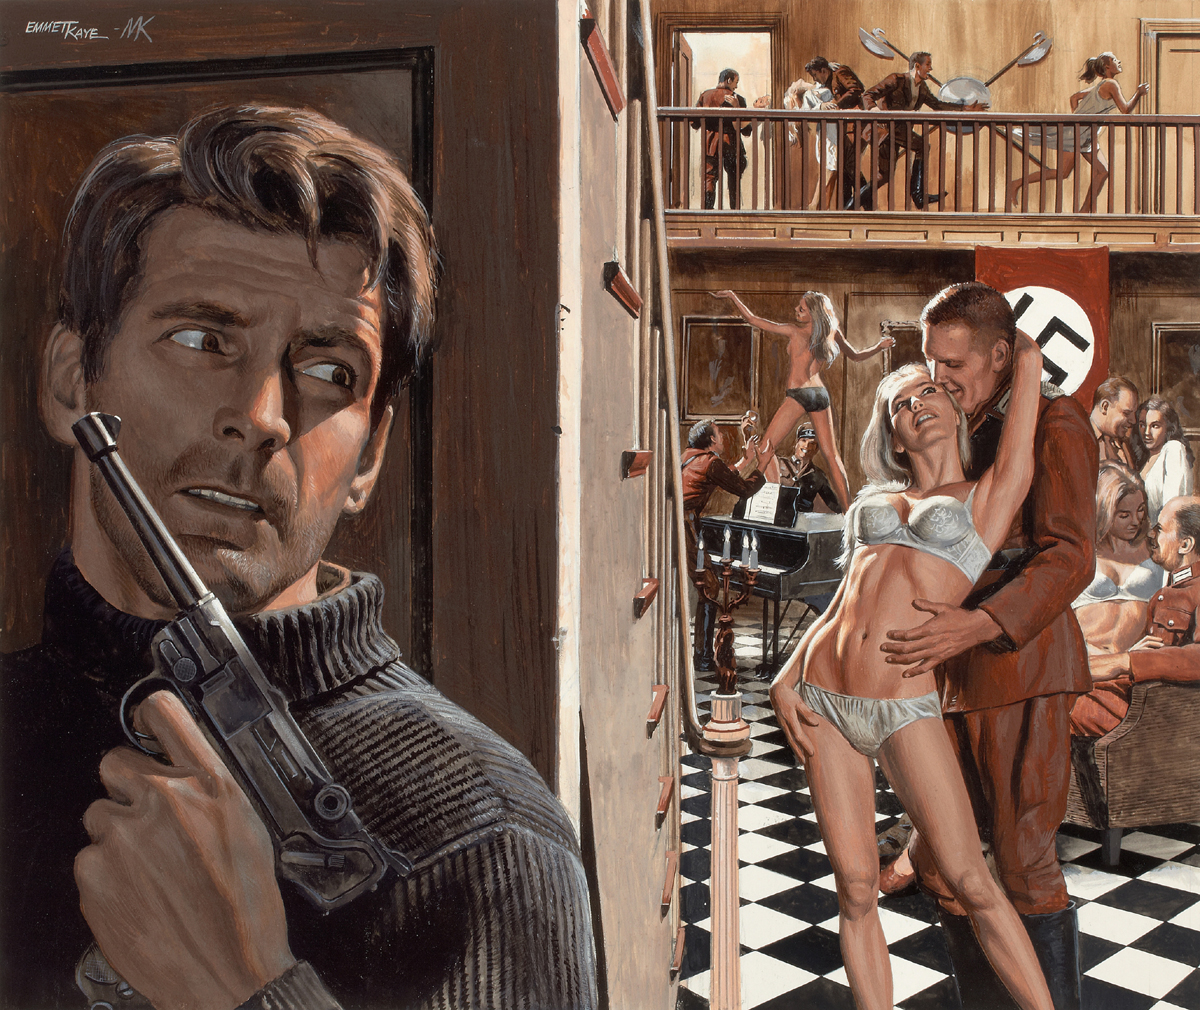 Hitler's No. 1 Sex Castle